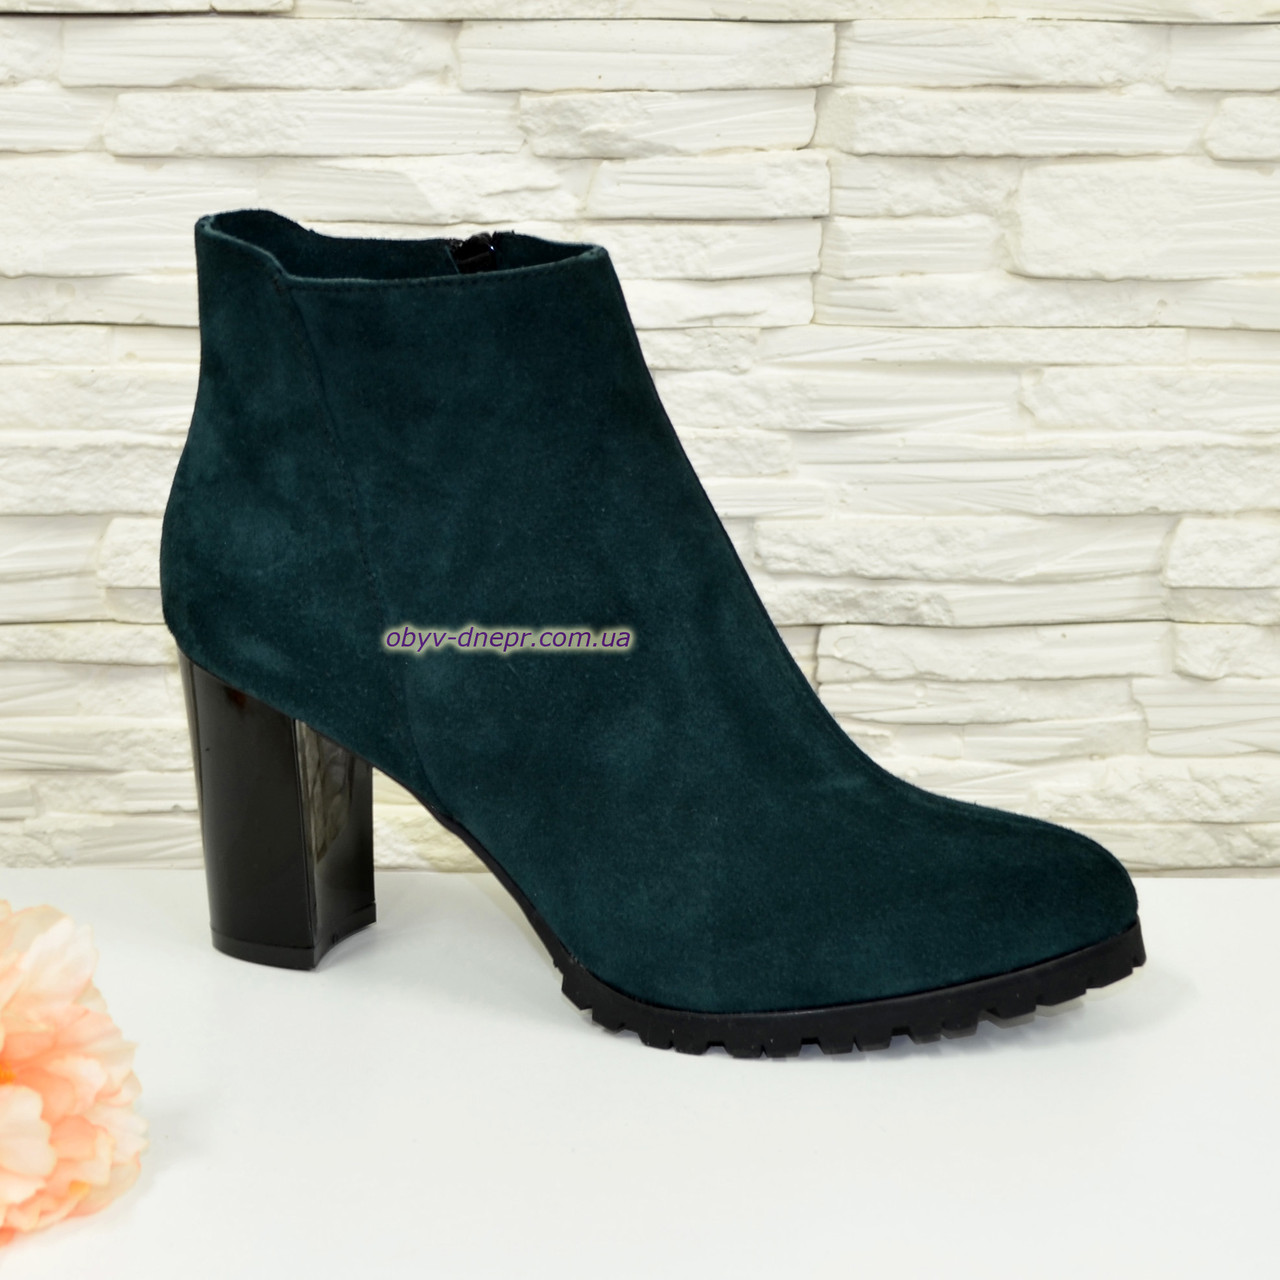 cbff75a5edd5 Ботинки женские зимние замшевые на устойчивом каблуке, цвет зеленый ...